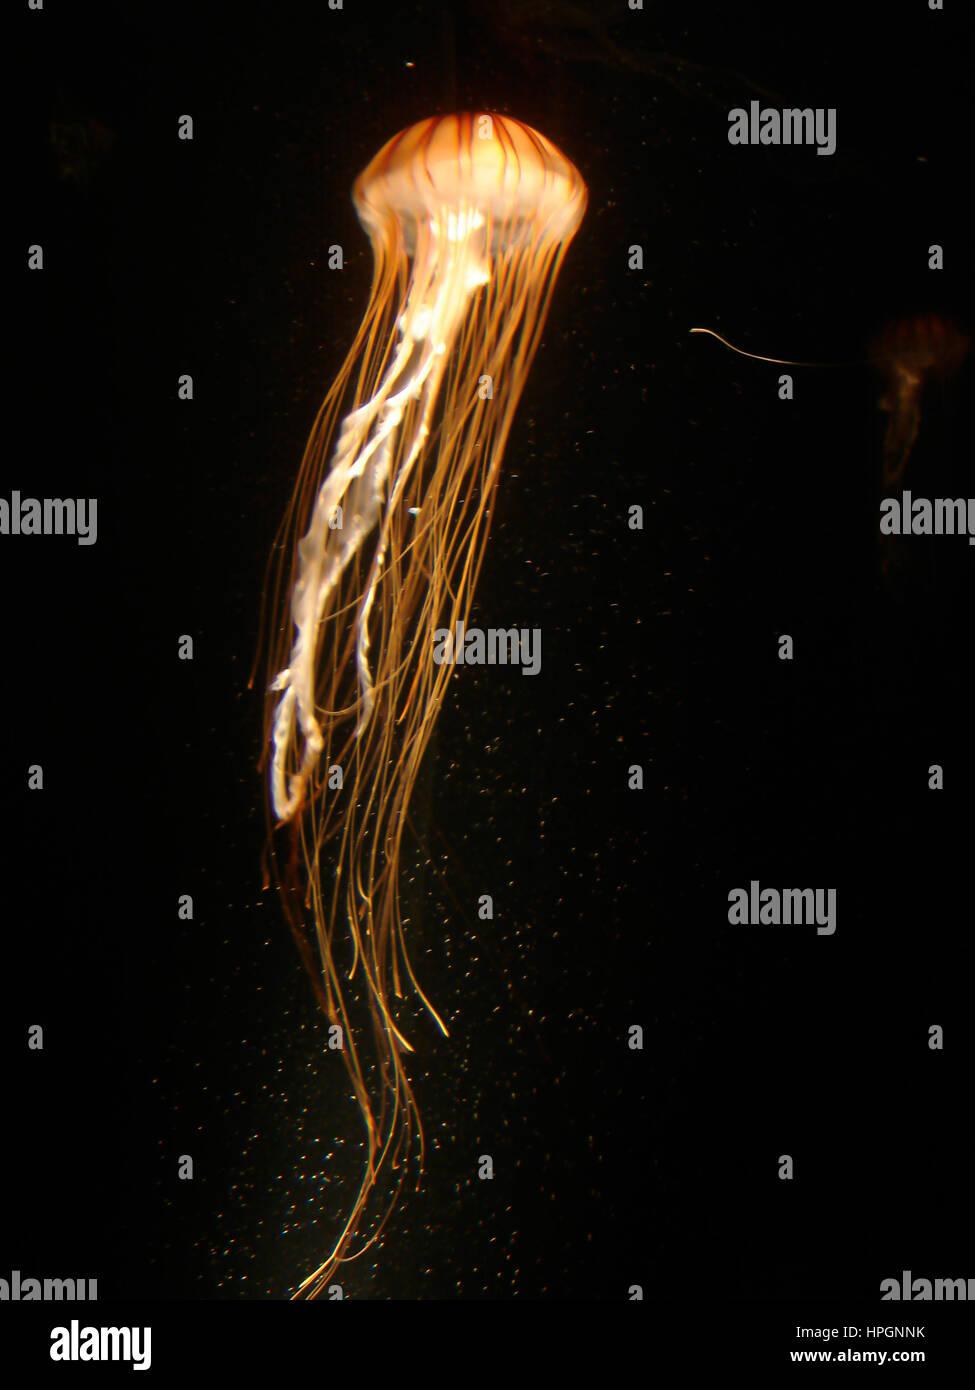 Jellyfishg swimming at night Stock Photo